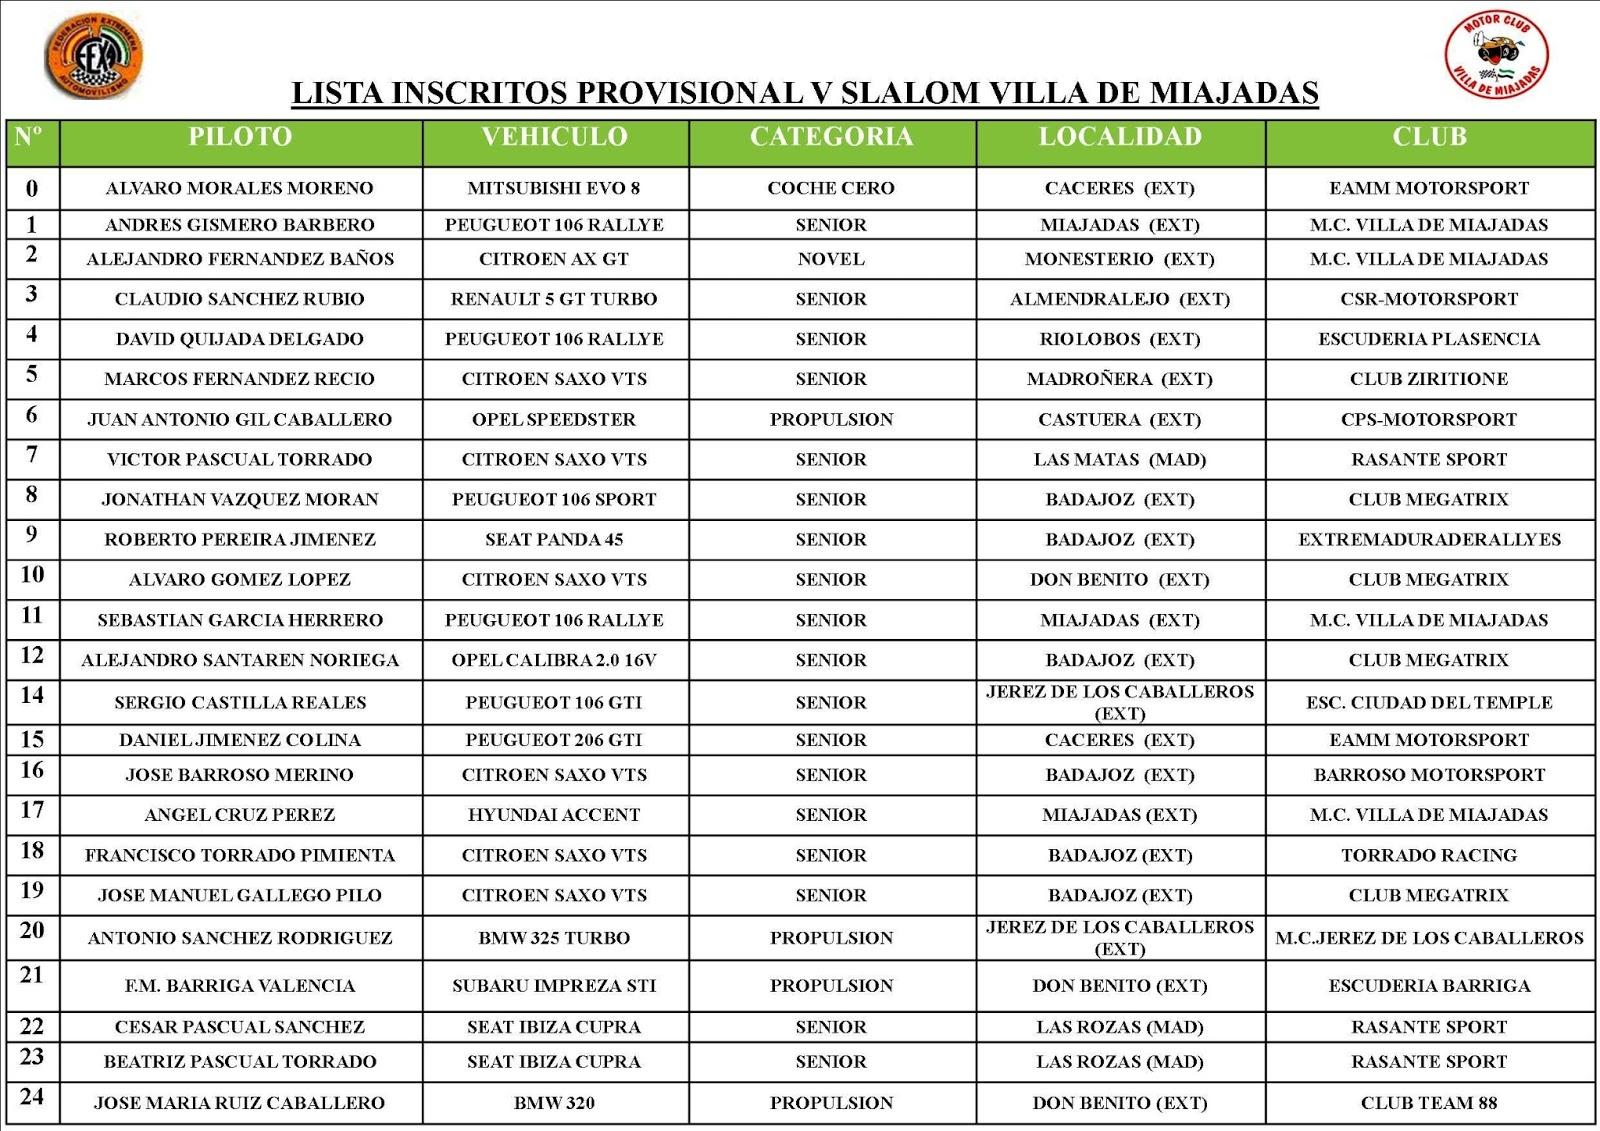 V Slalom Villa de Miajadas [24 de marzo 2013] LISTA+DE+INSCRITOS+PROVISIONAL+PUBLISTER